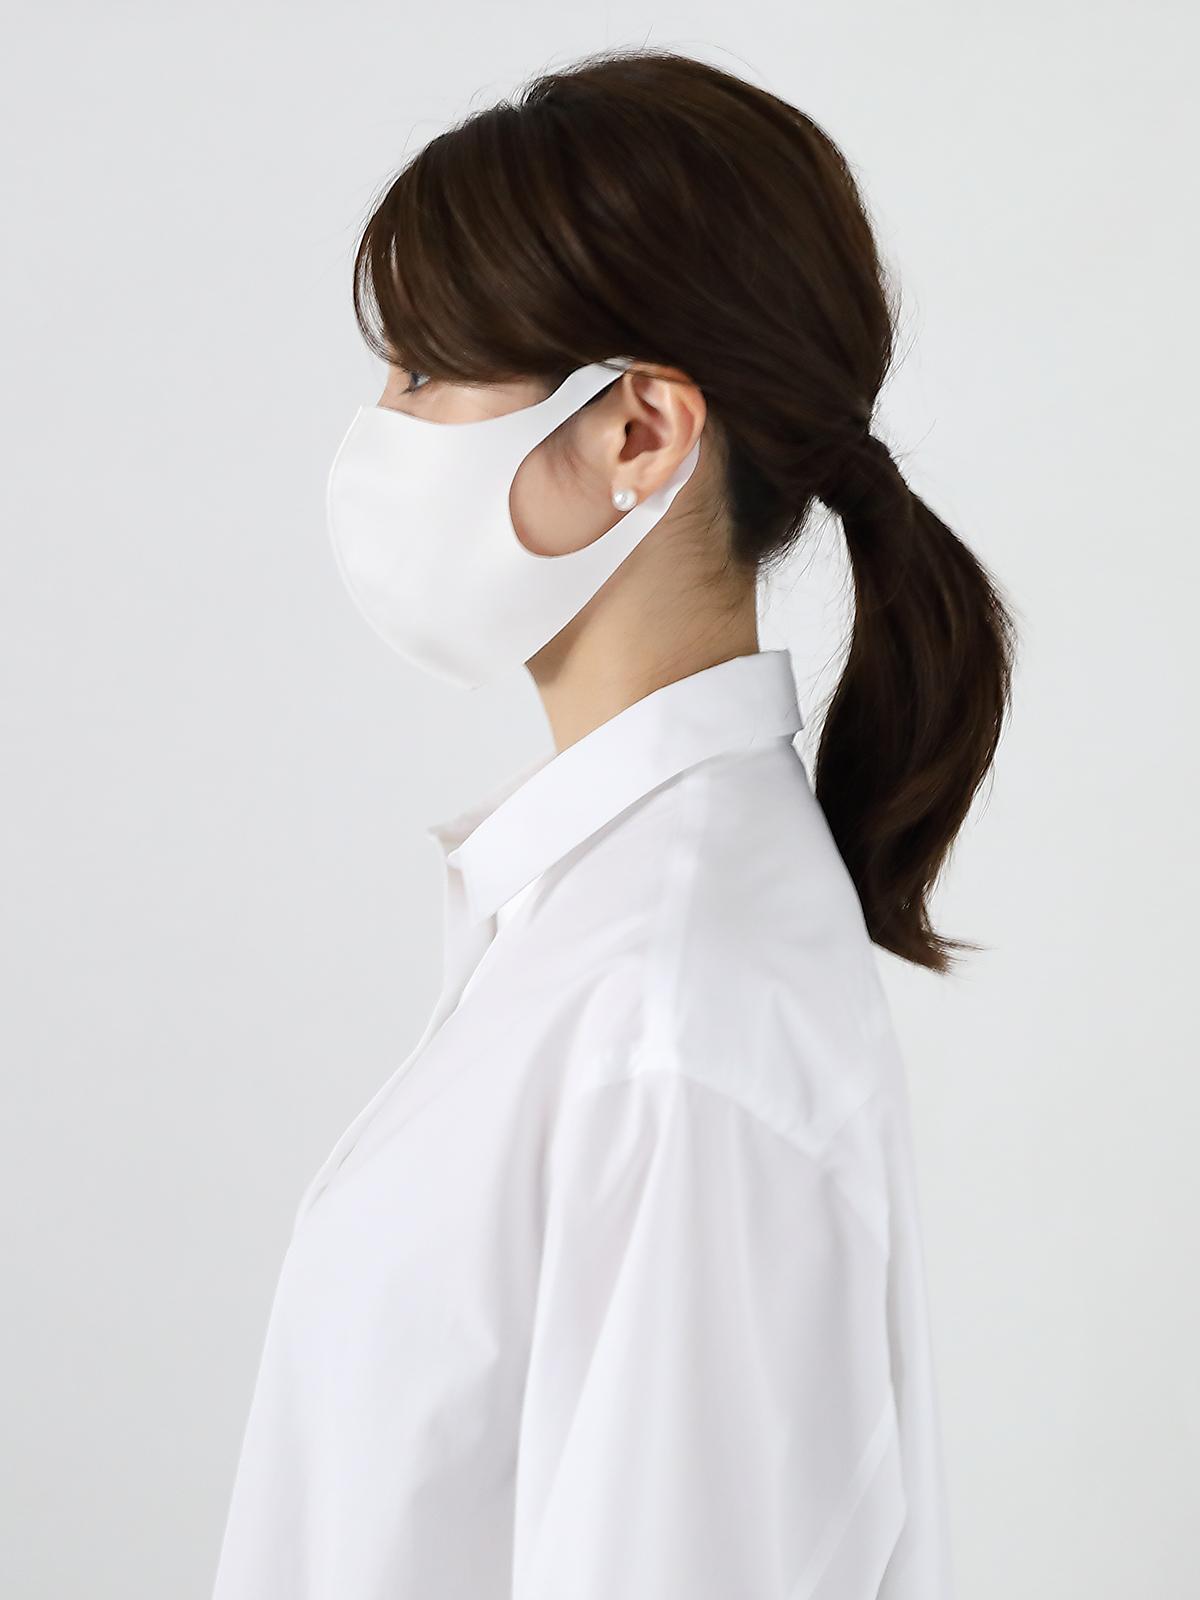 2 枚 重ね マスク